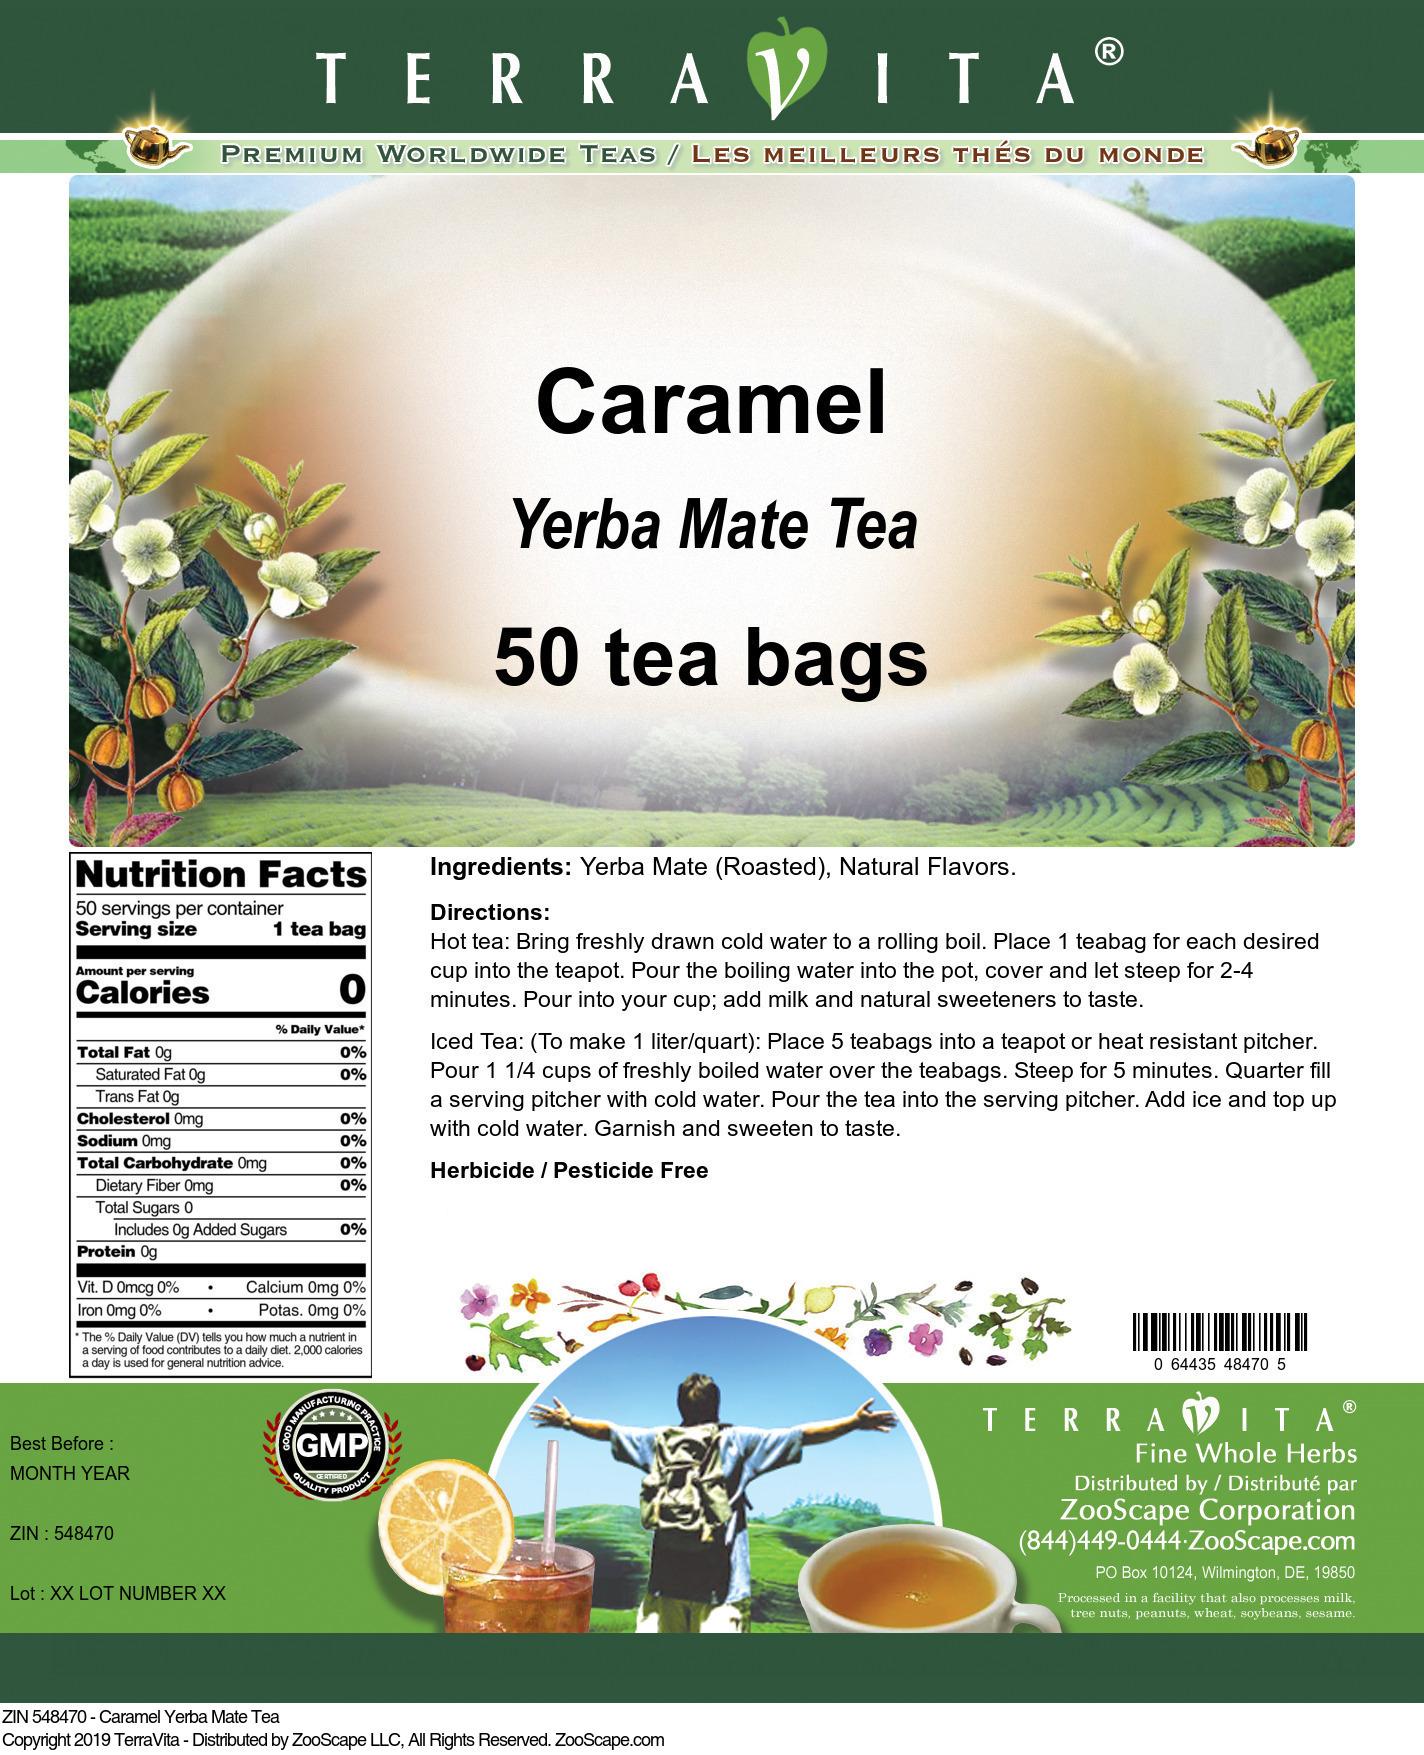 Caramel Yerba Mate Tea